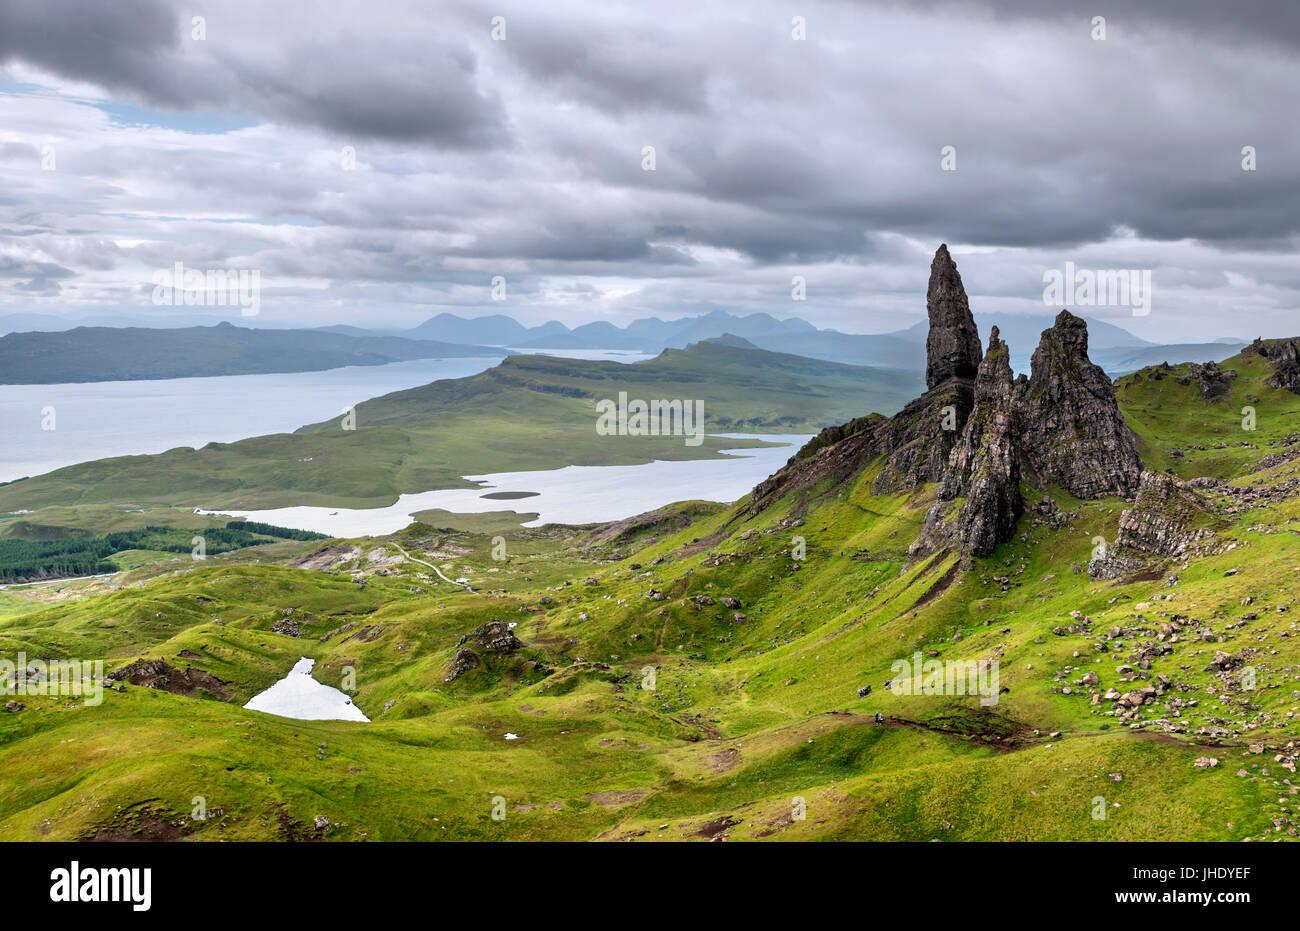 Il vecchio uomo di Storr, Isola di Skye, Highland, Scotland, Regno Unito. Paesaggio scozzese / Paesaggi. Immagini Stock